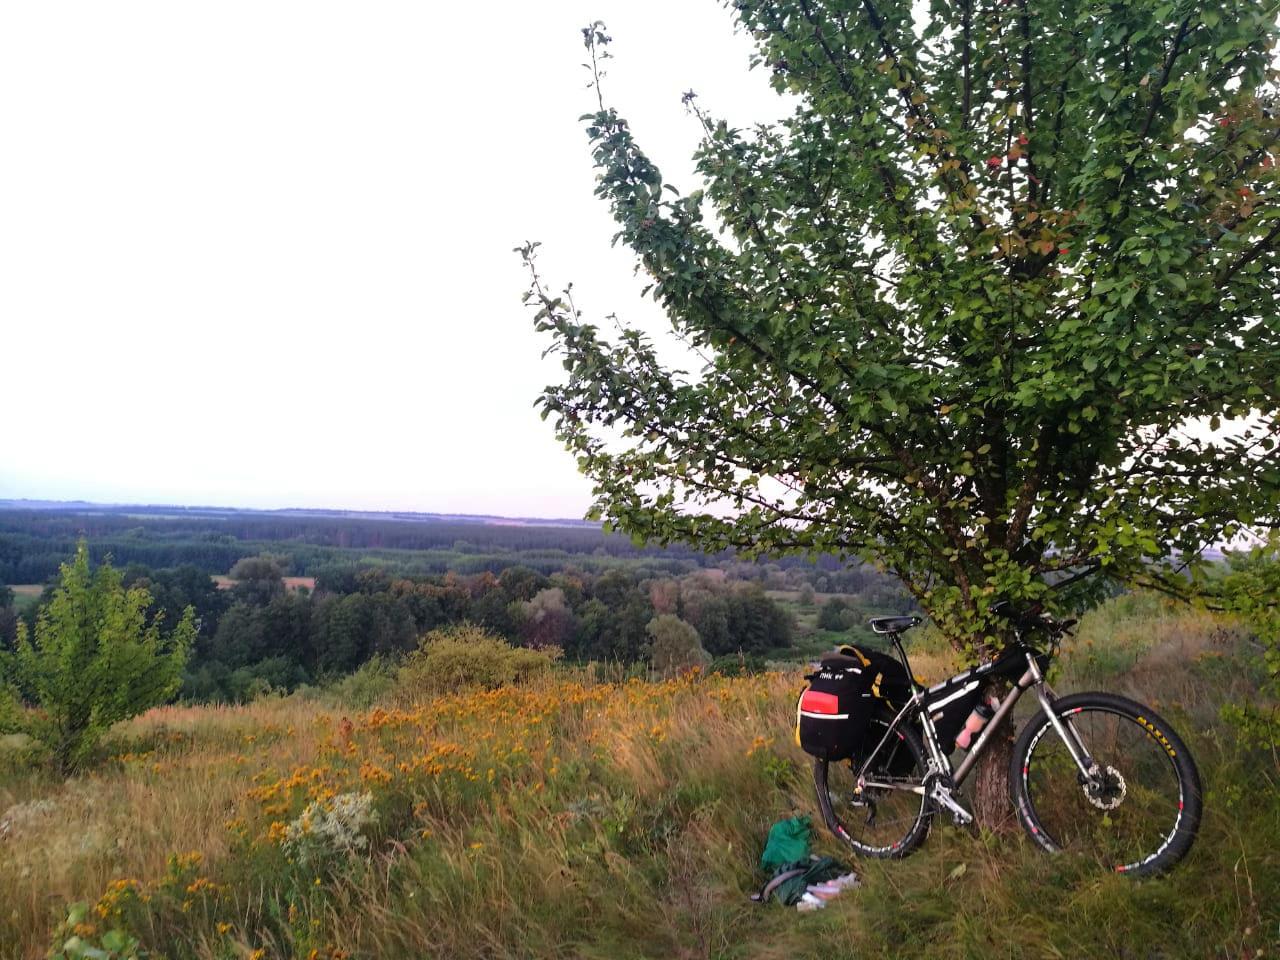 Искупавшись и помывшись, я поднялся и забрал велосипед, который я спрятал в зарослях травы и пошел искать место ночевки. Отличный вид не правда ли? Внизу течет Битюг.